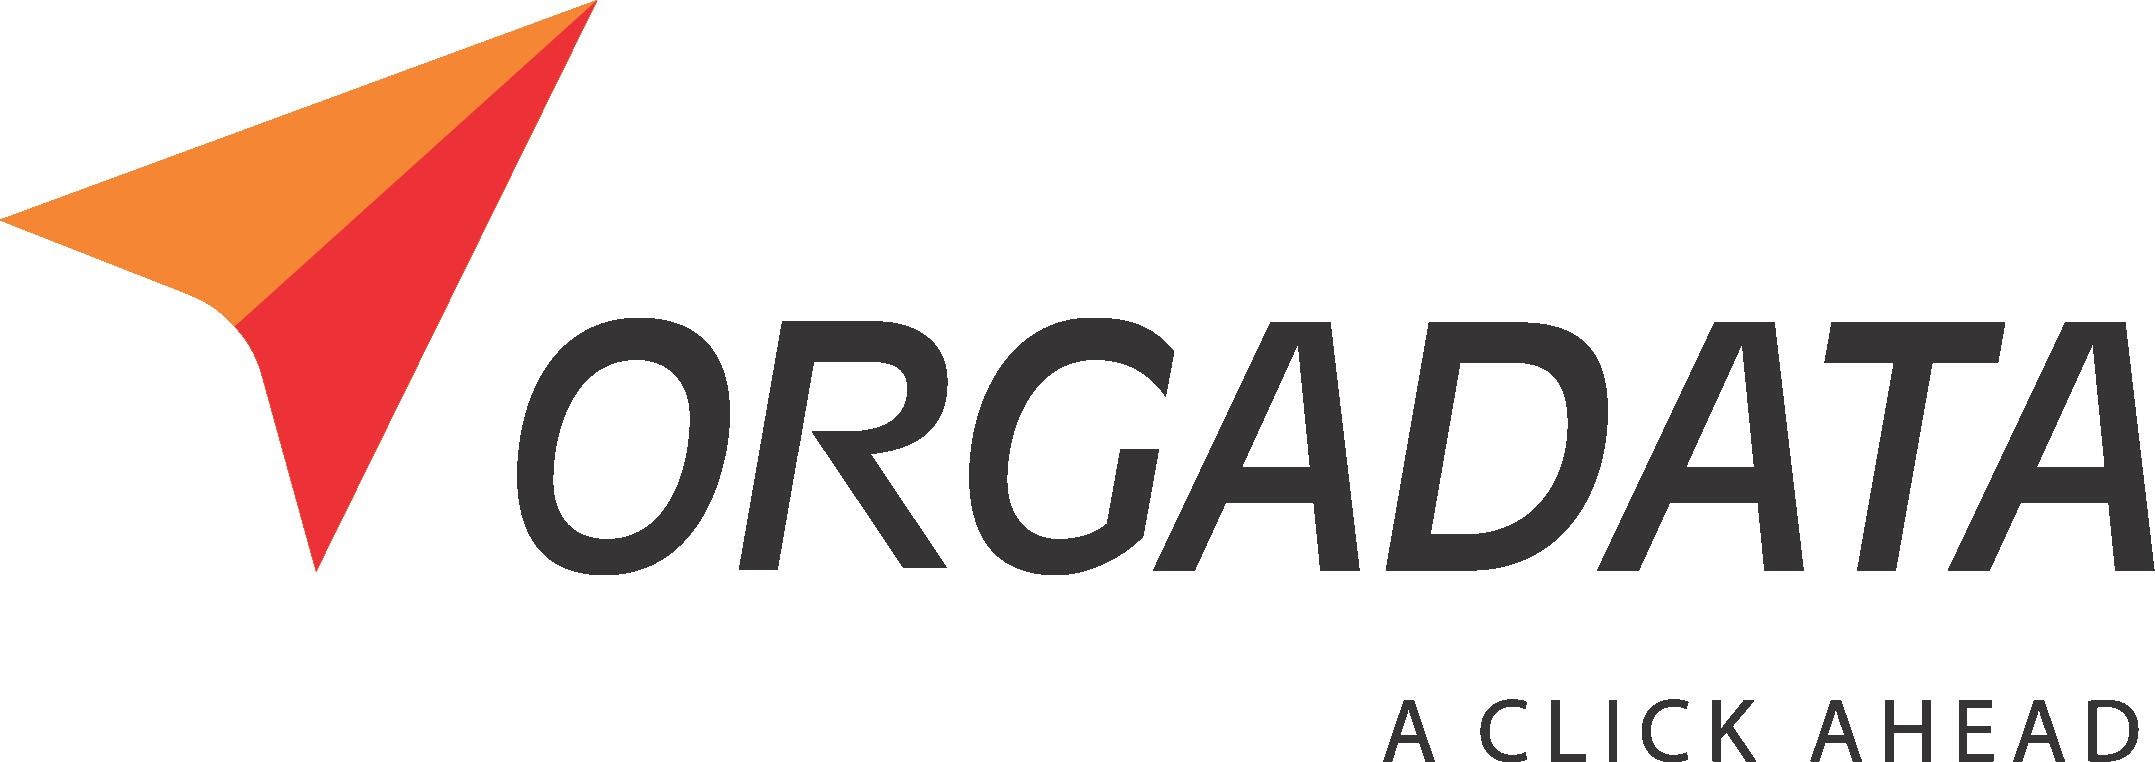 orgadata logo